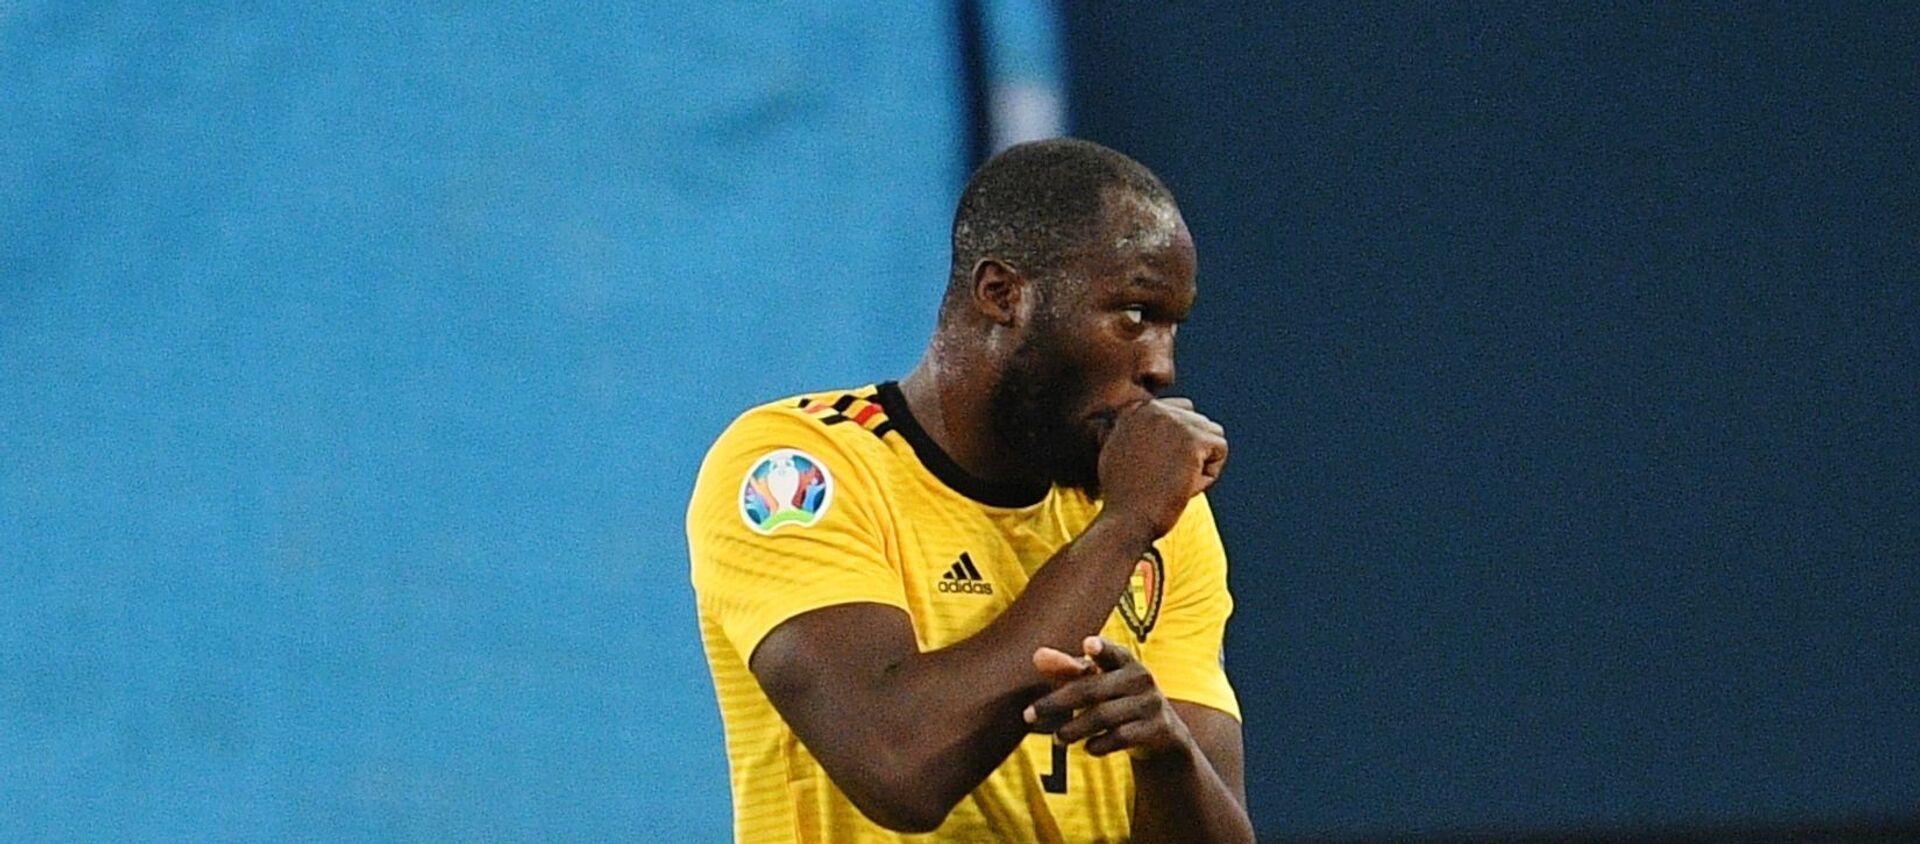 Romelu Lukaku (Bỉ) trong trận đấu vòng loại Giải vô địch bóng đá châu Âu 2020 giữa hai đội tuyển quốc gia Nga và Bỉ. - Sputnik Việt Nam, 1920, 09.06.2021